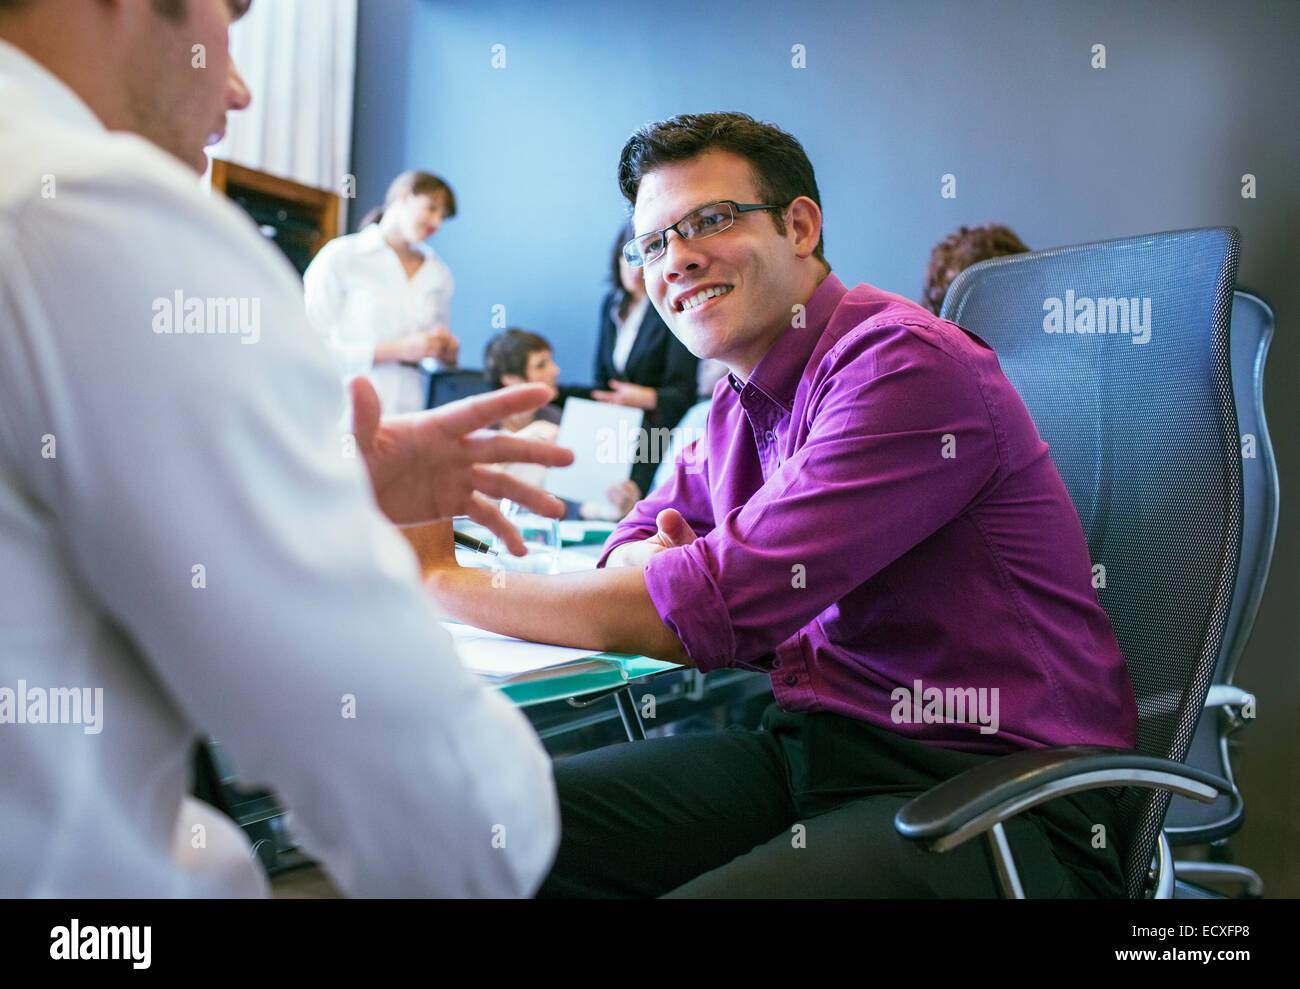 Los empresarios hablando durante una reunión en la sala de conferencias con colegas en segundo plano. Imagen De Stock